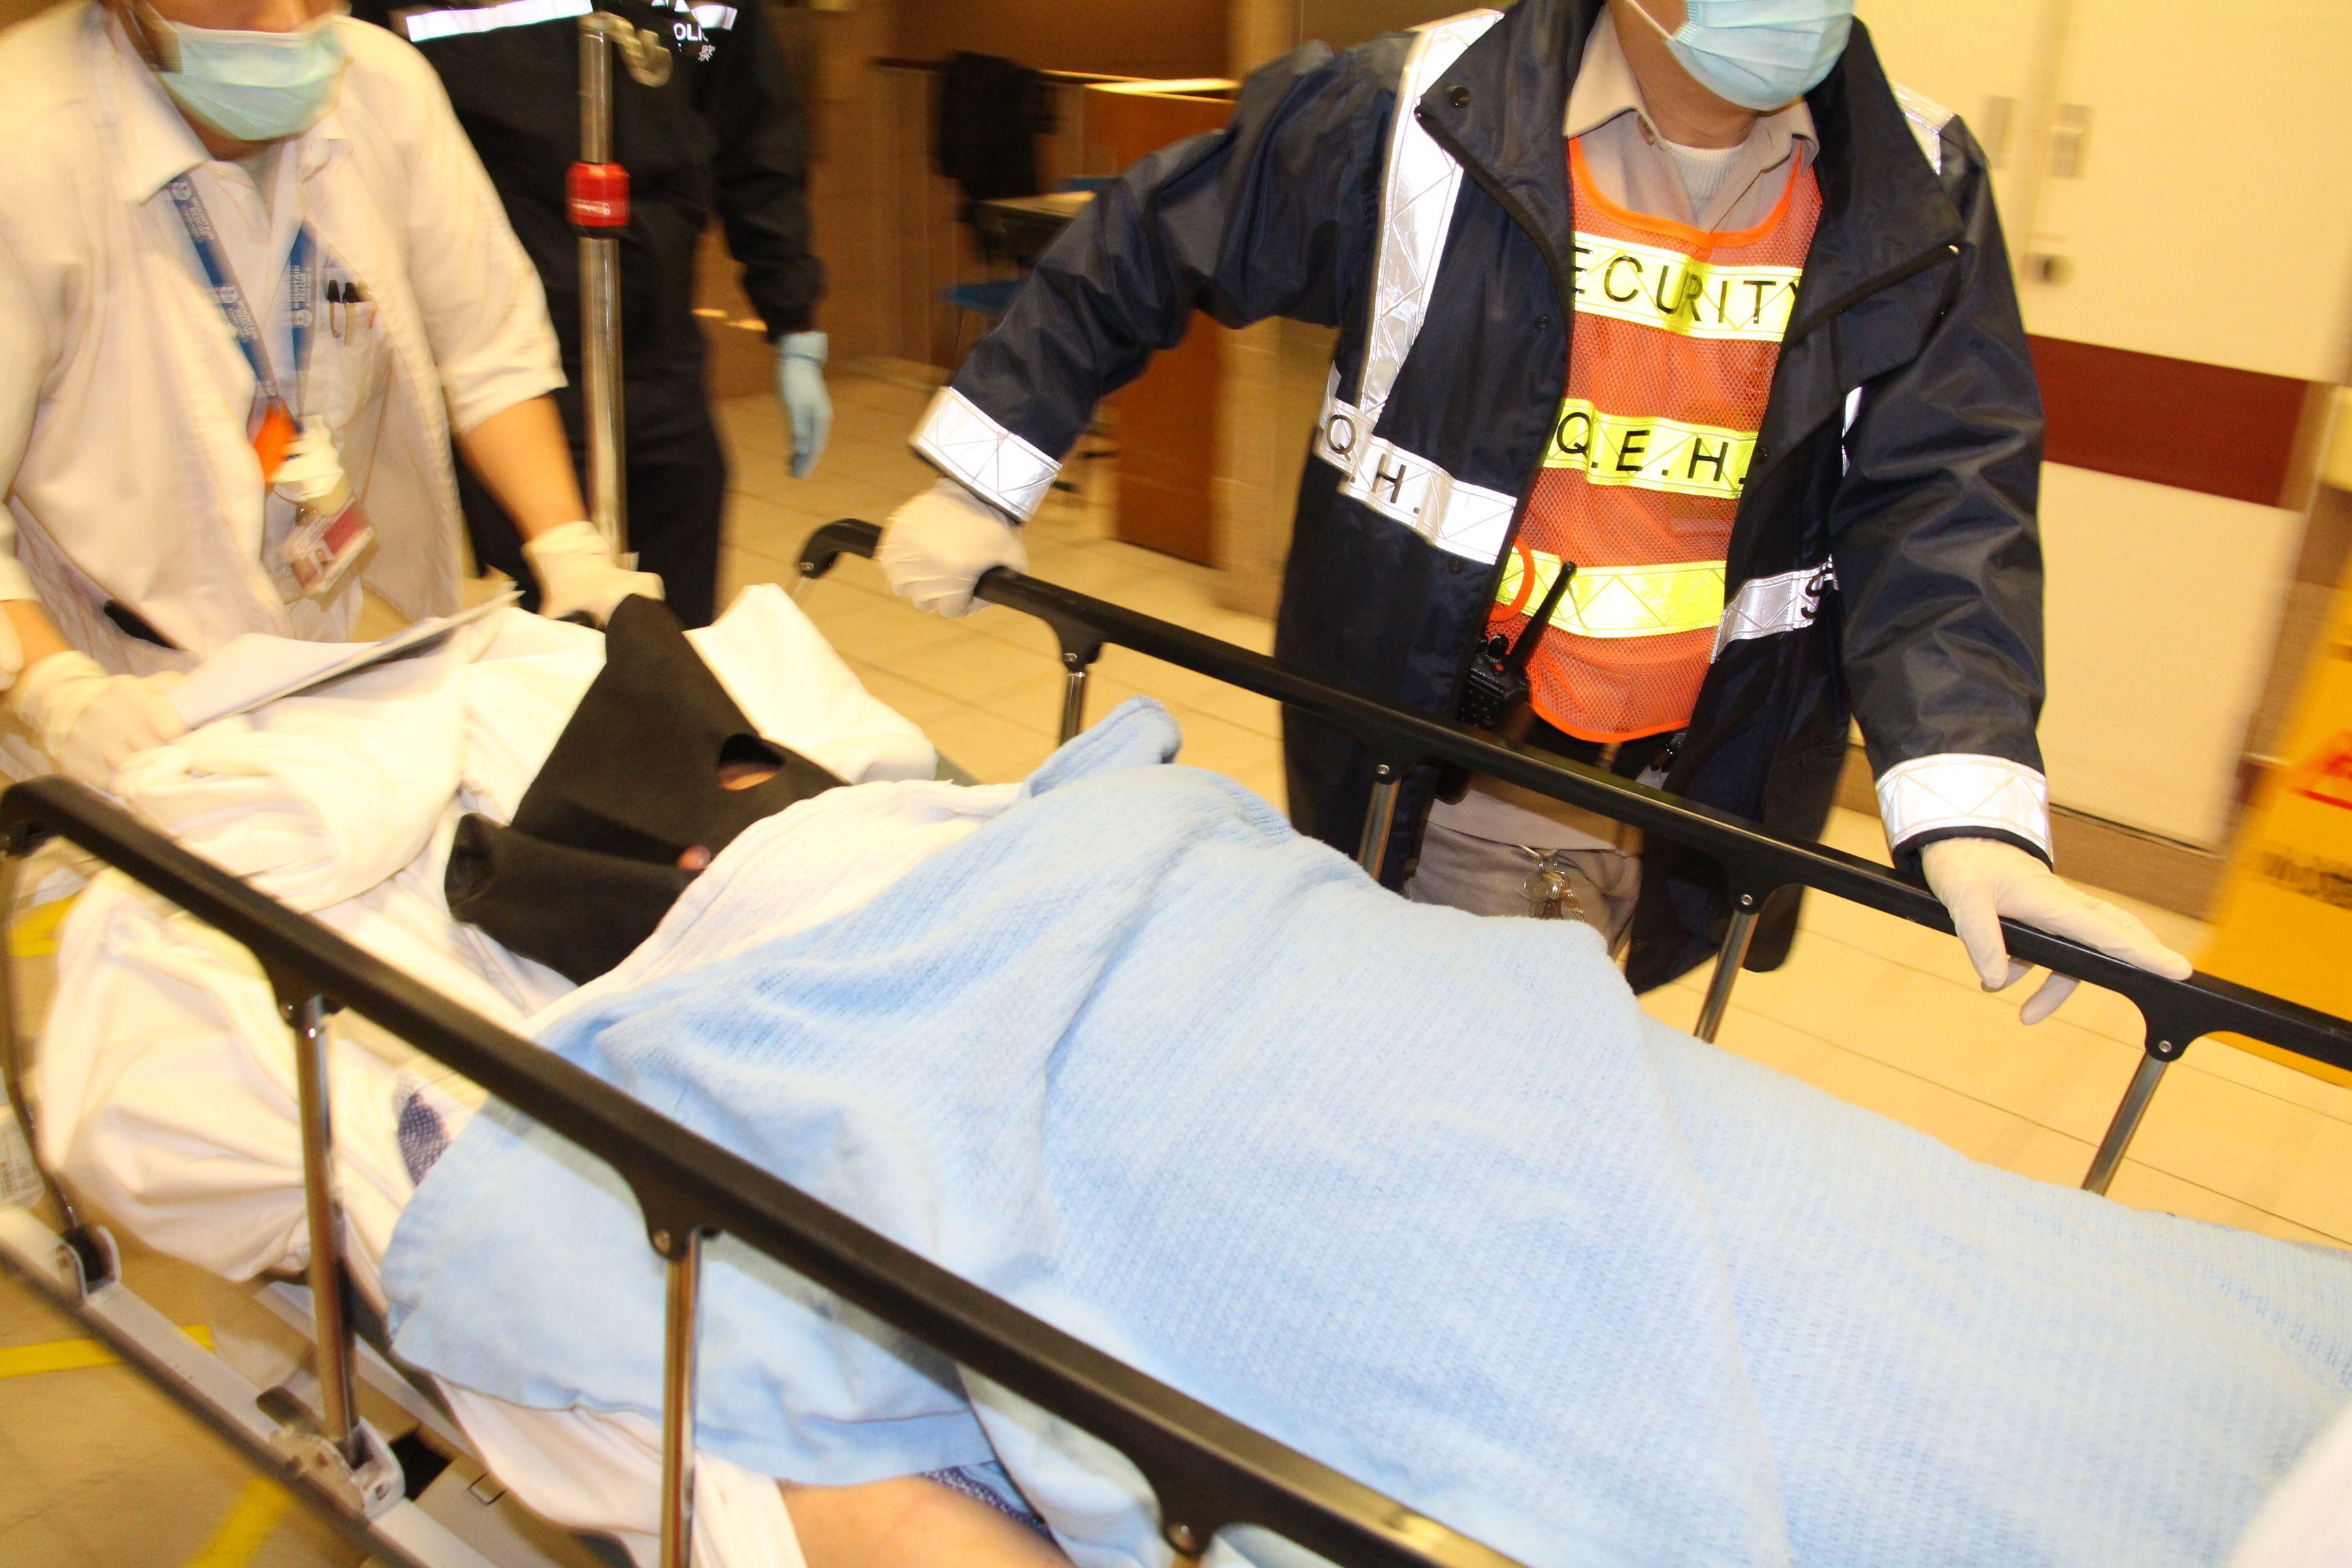 قتل طفل فى هونج كونج